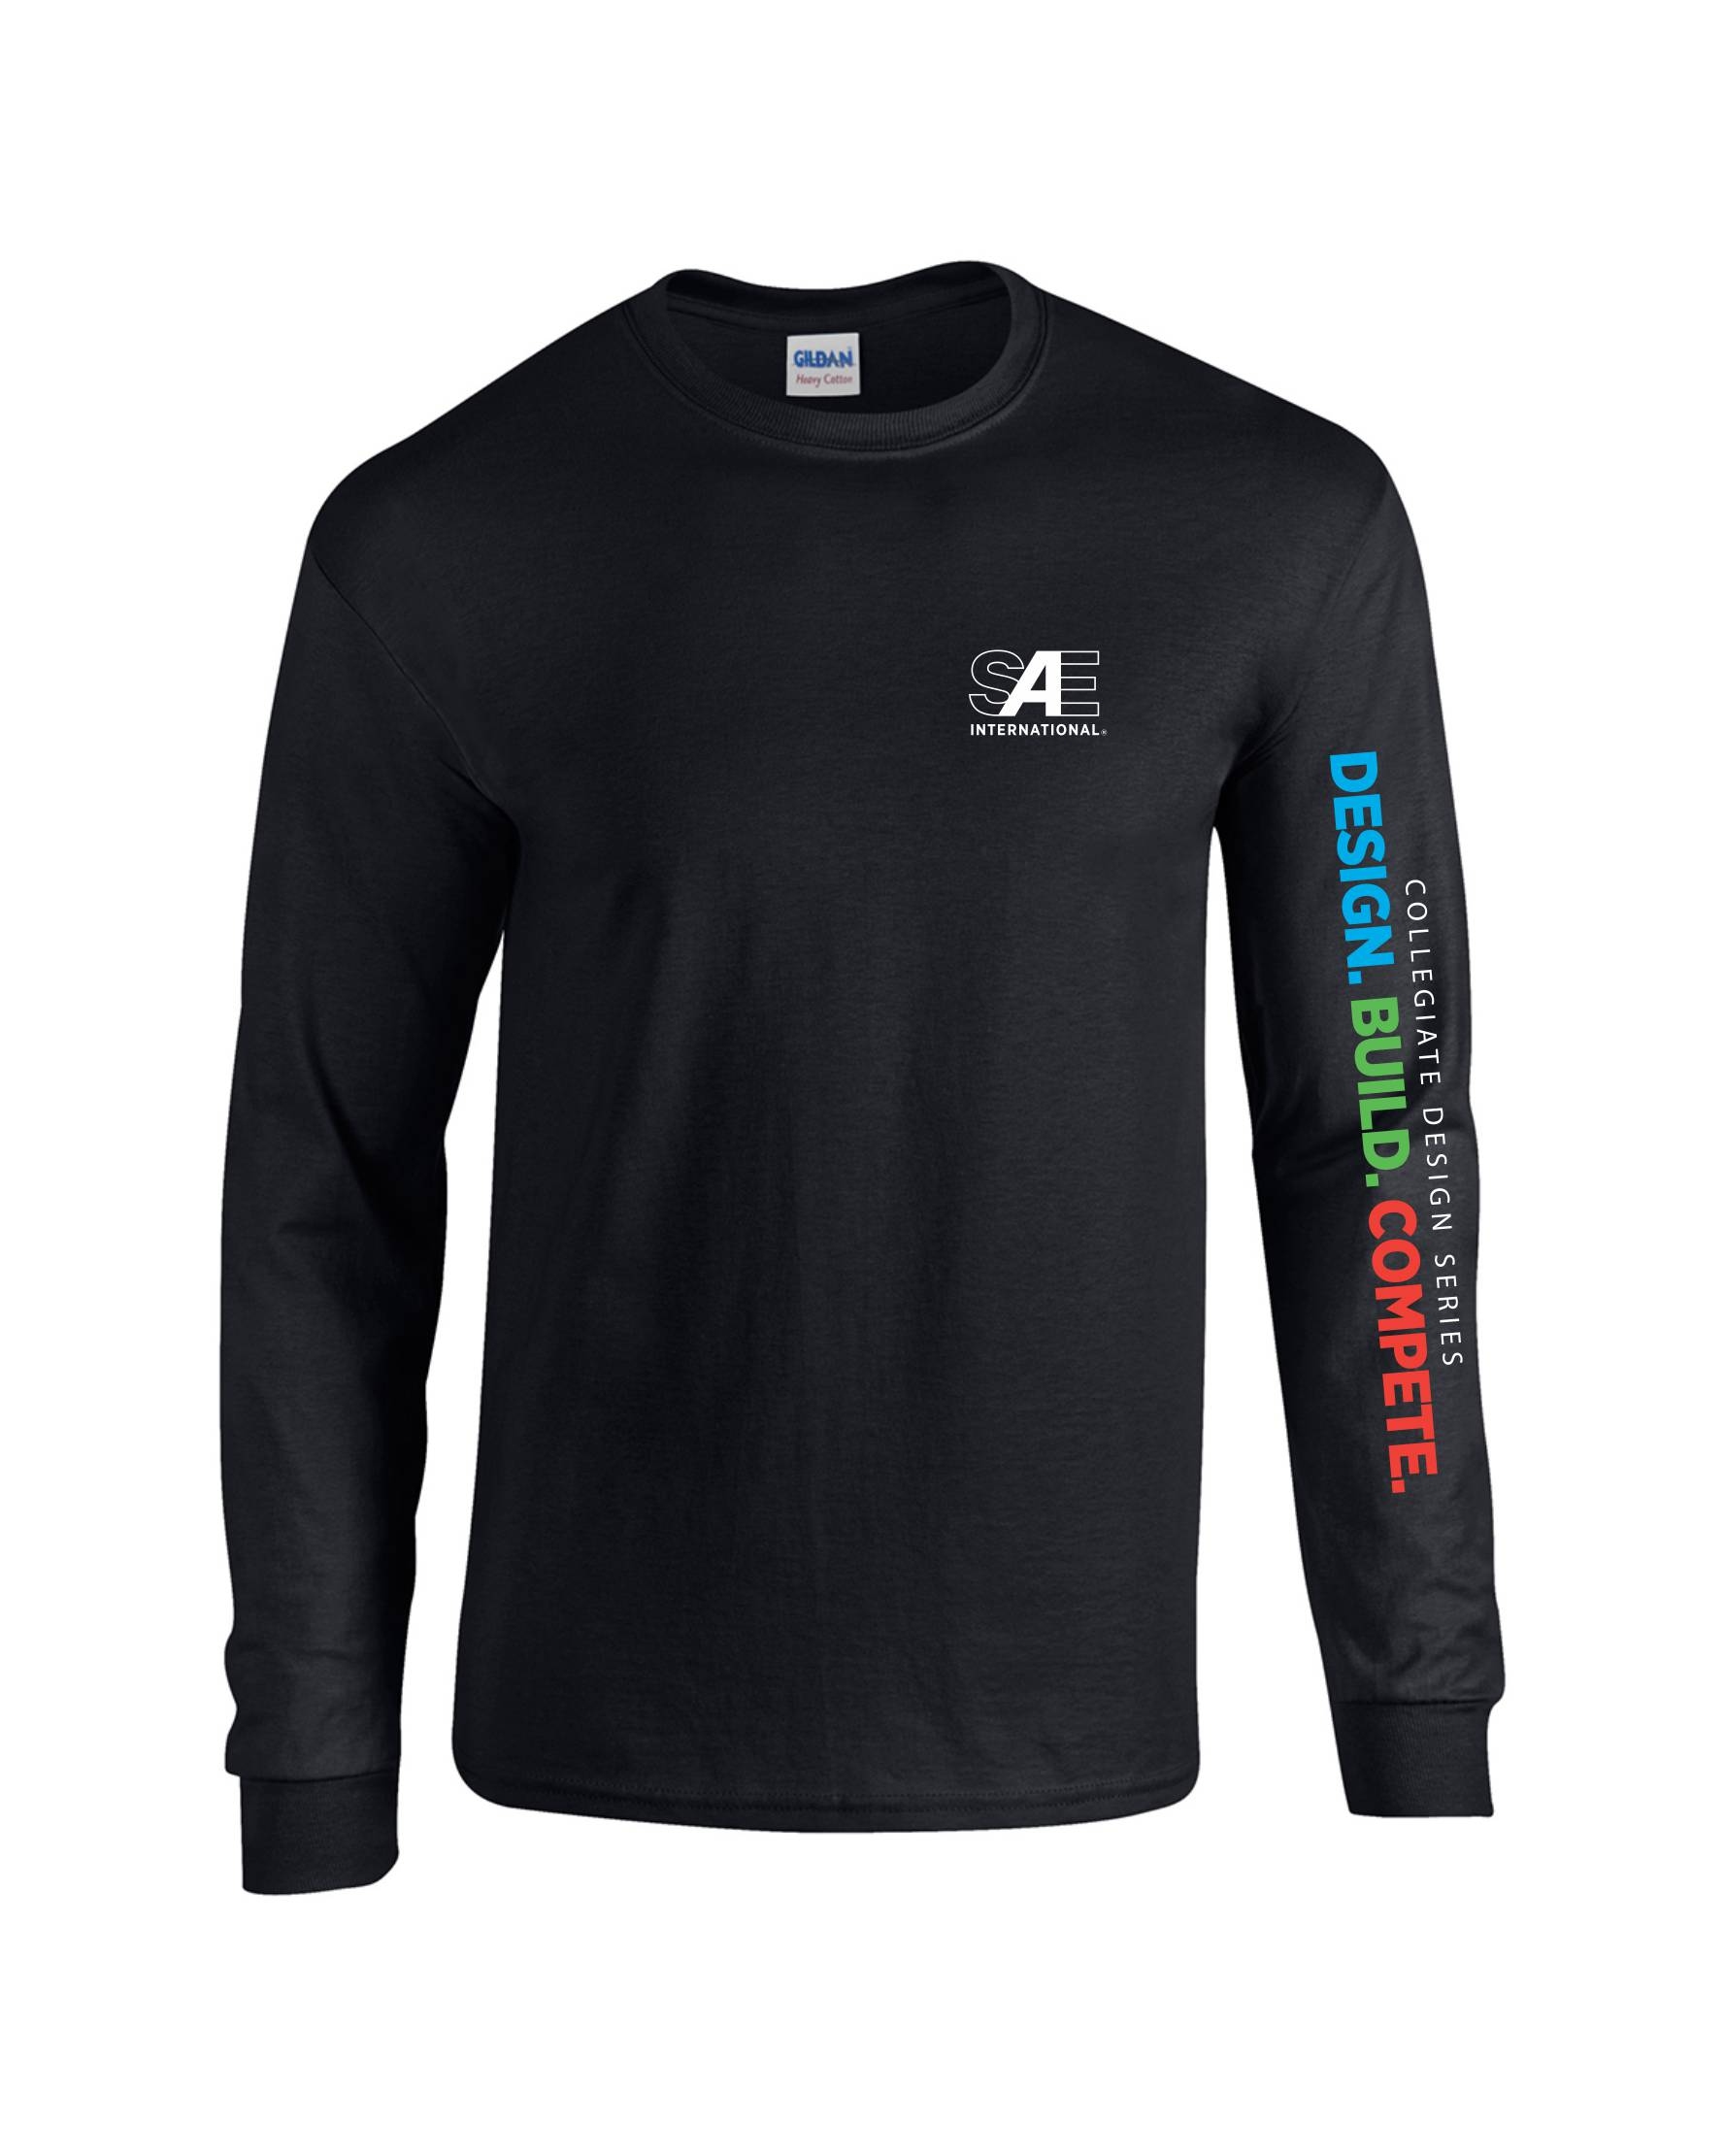 Gildan Mid Weight 100% Cotton Long Sleeve T-Shirt